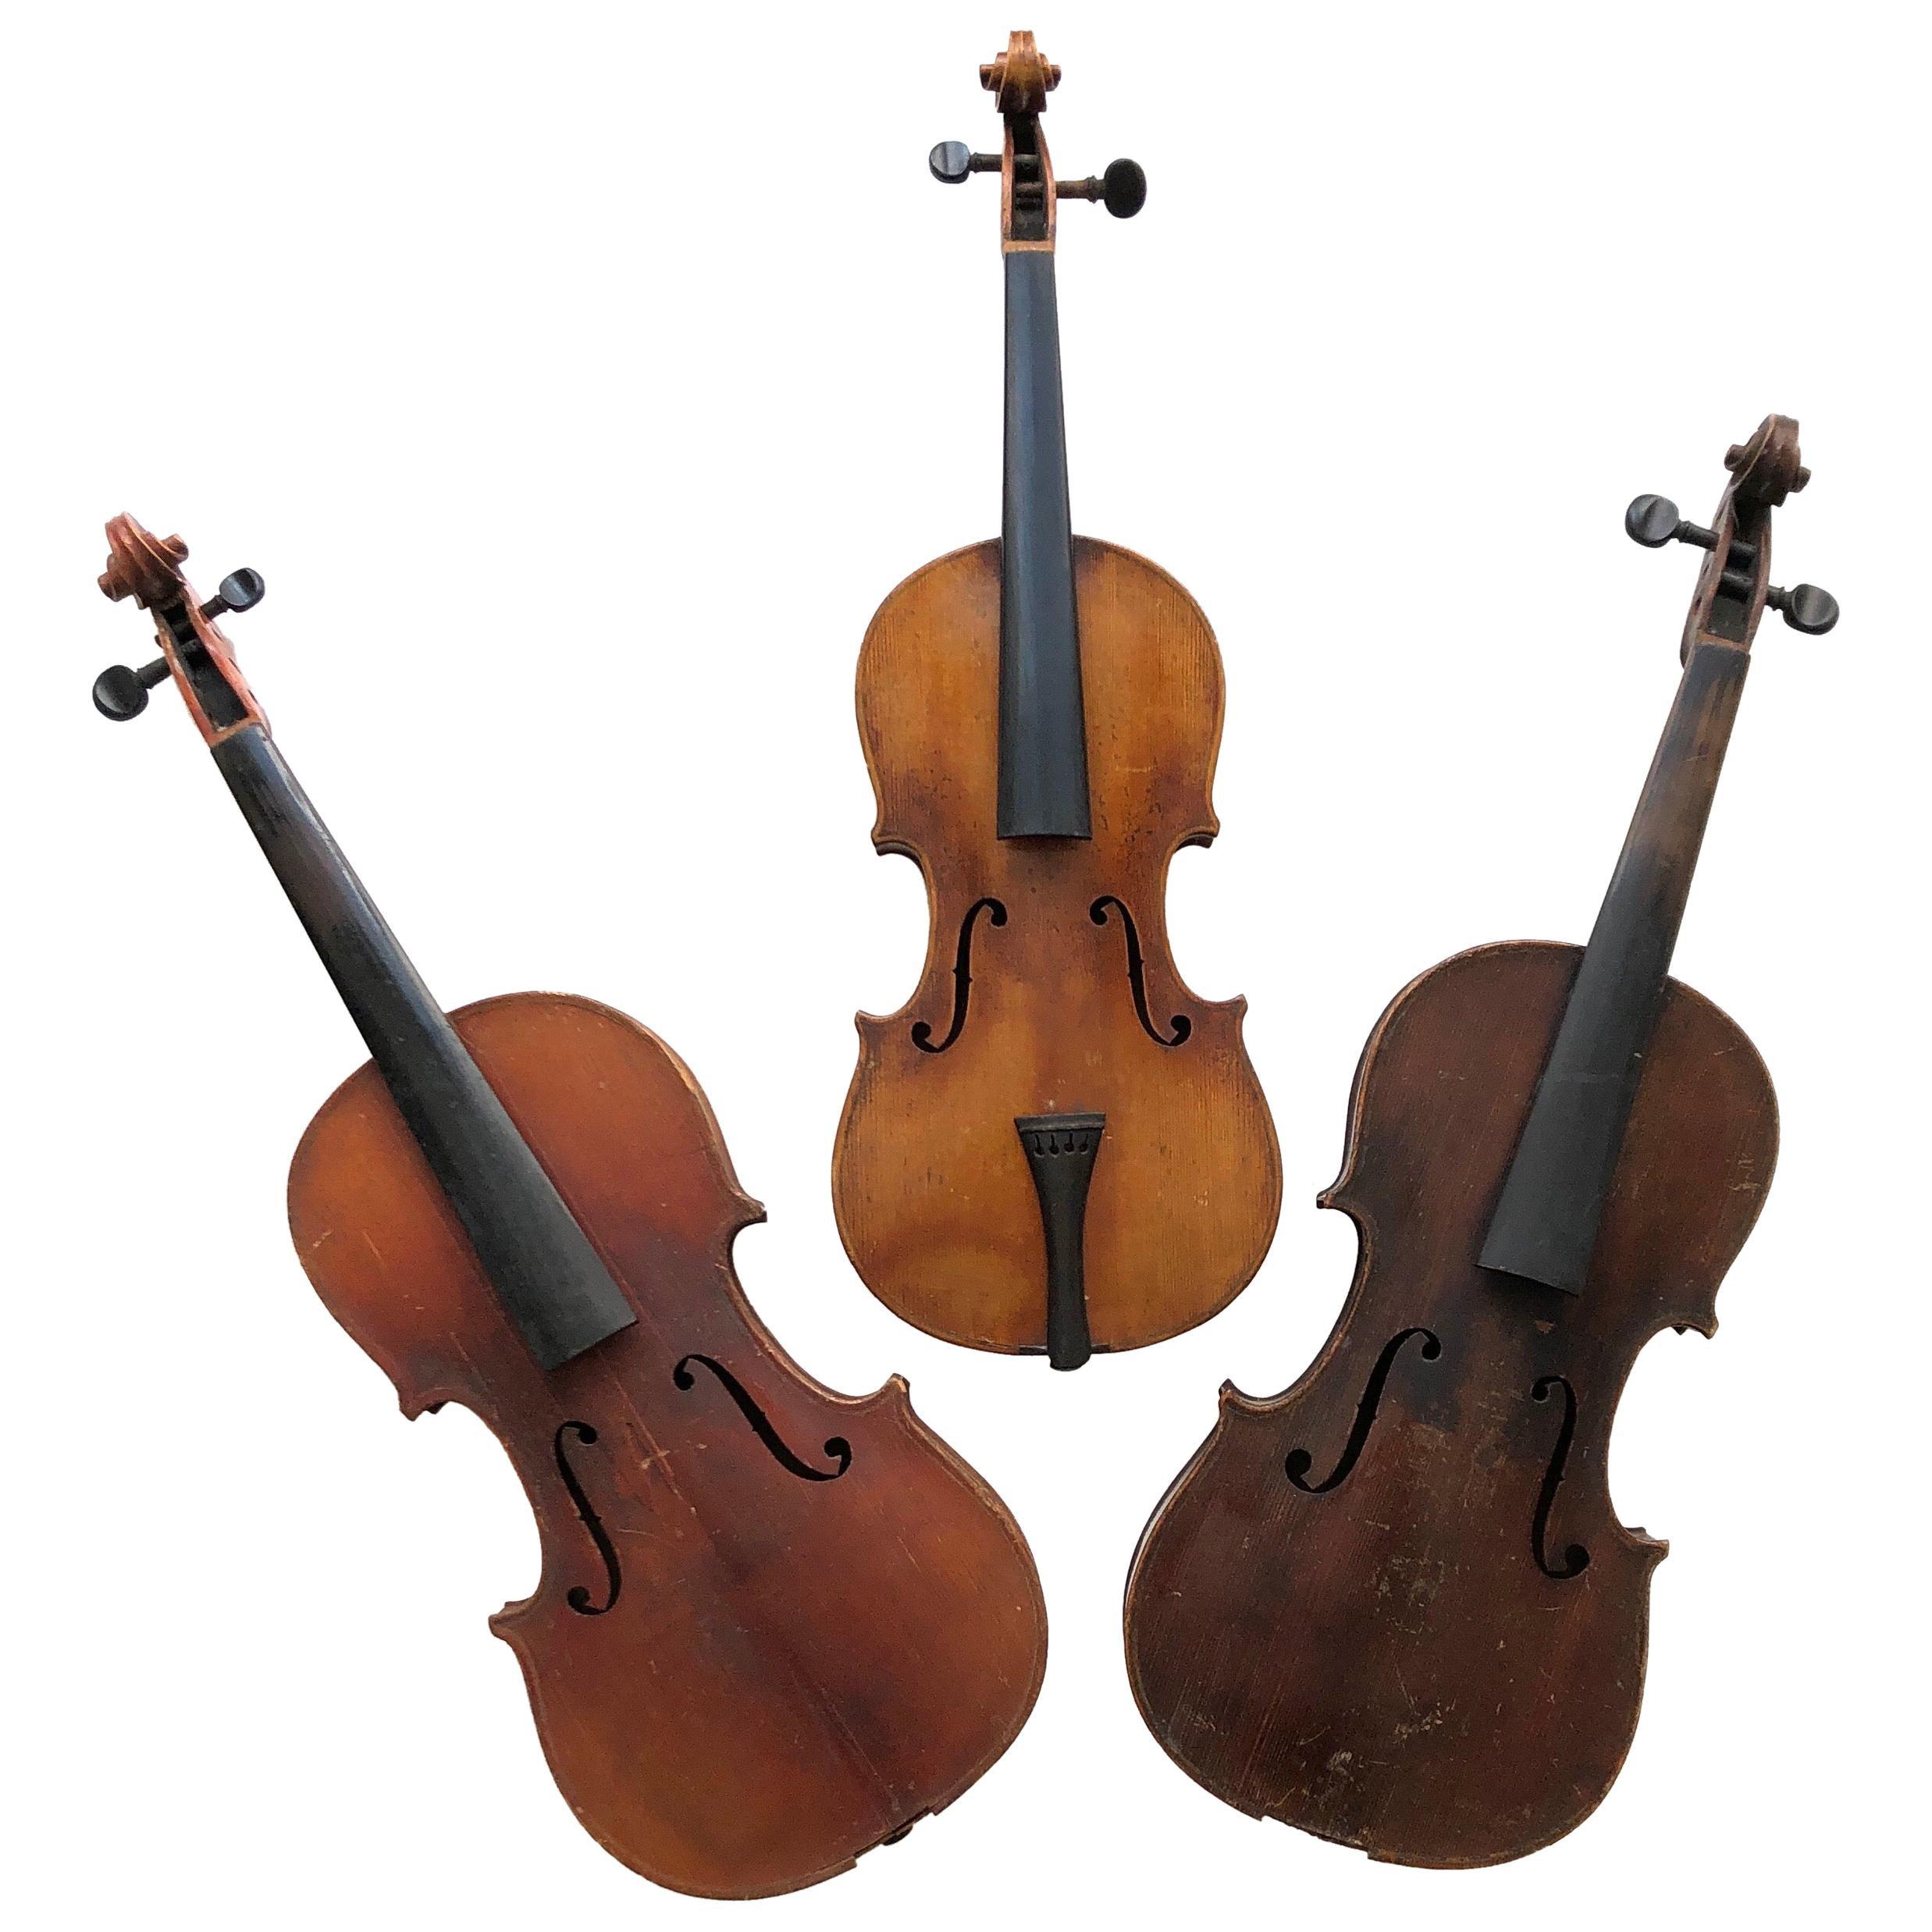 3 Antique Violins